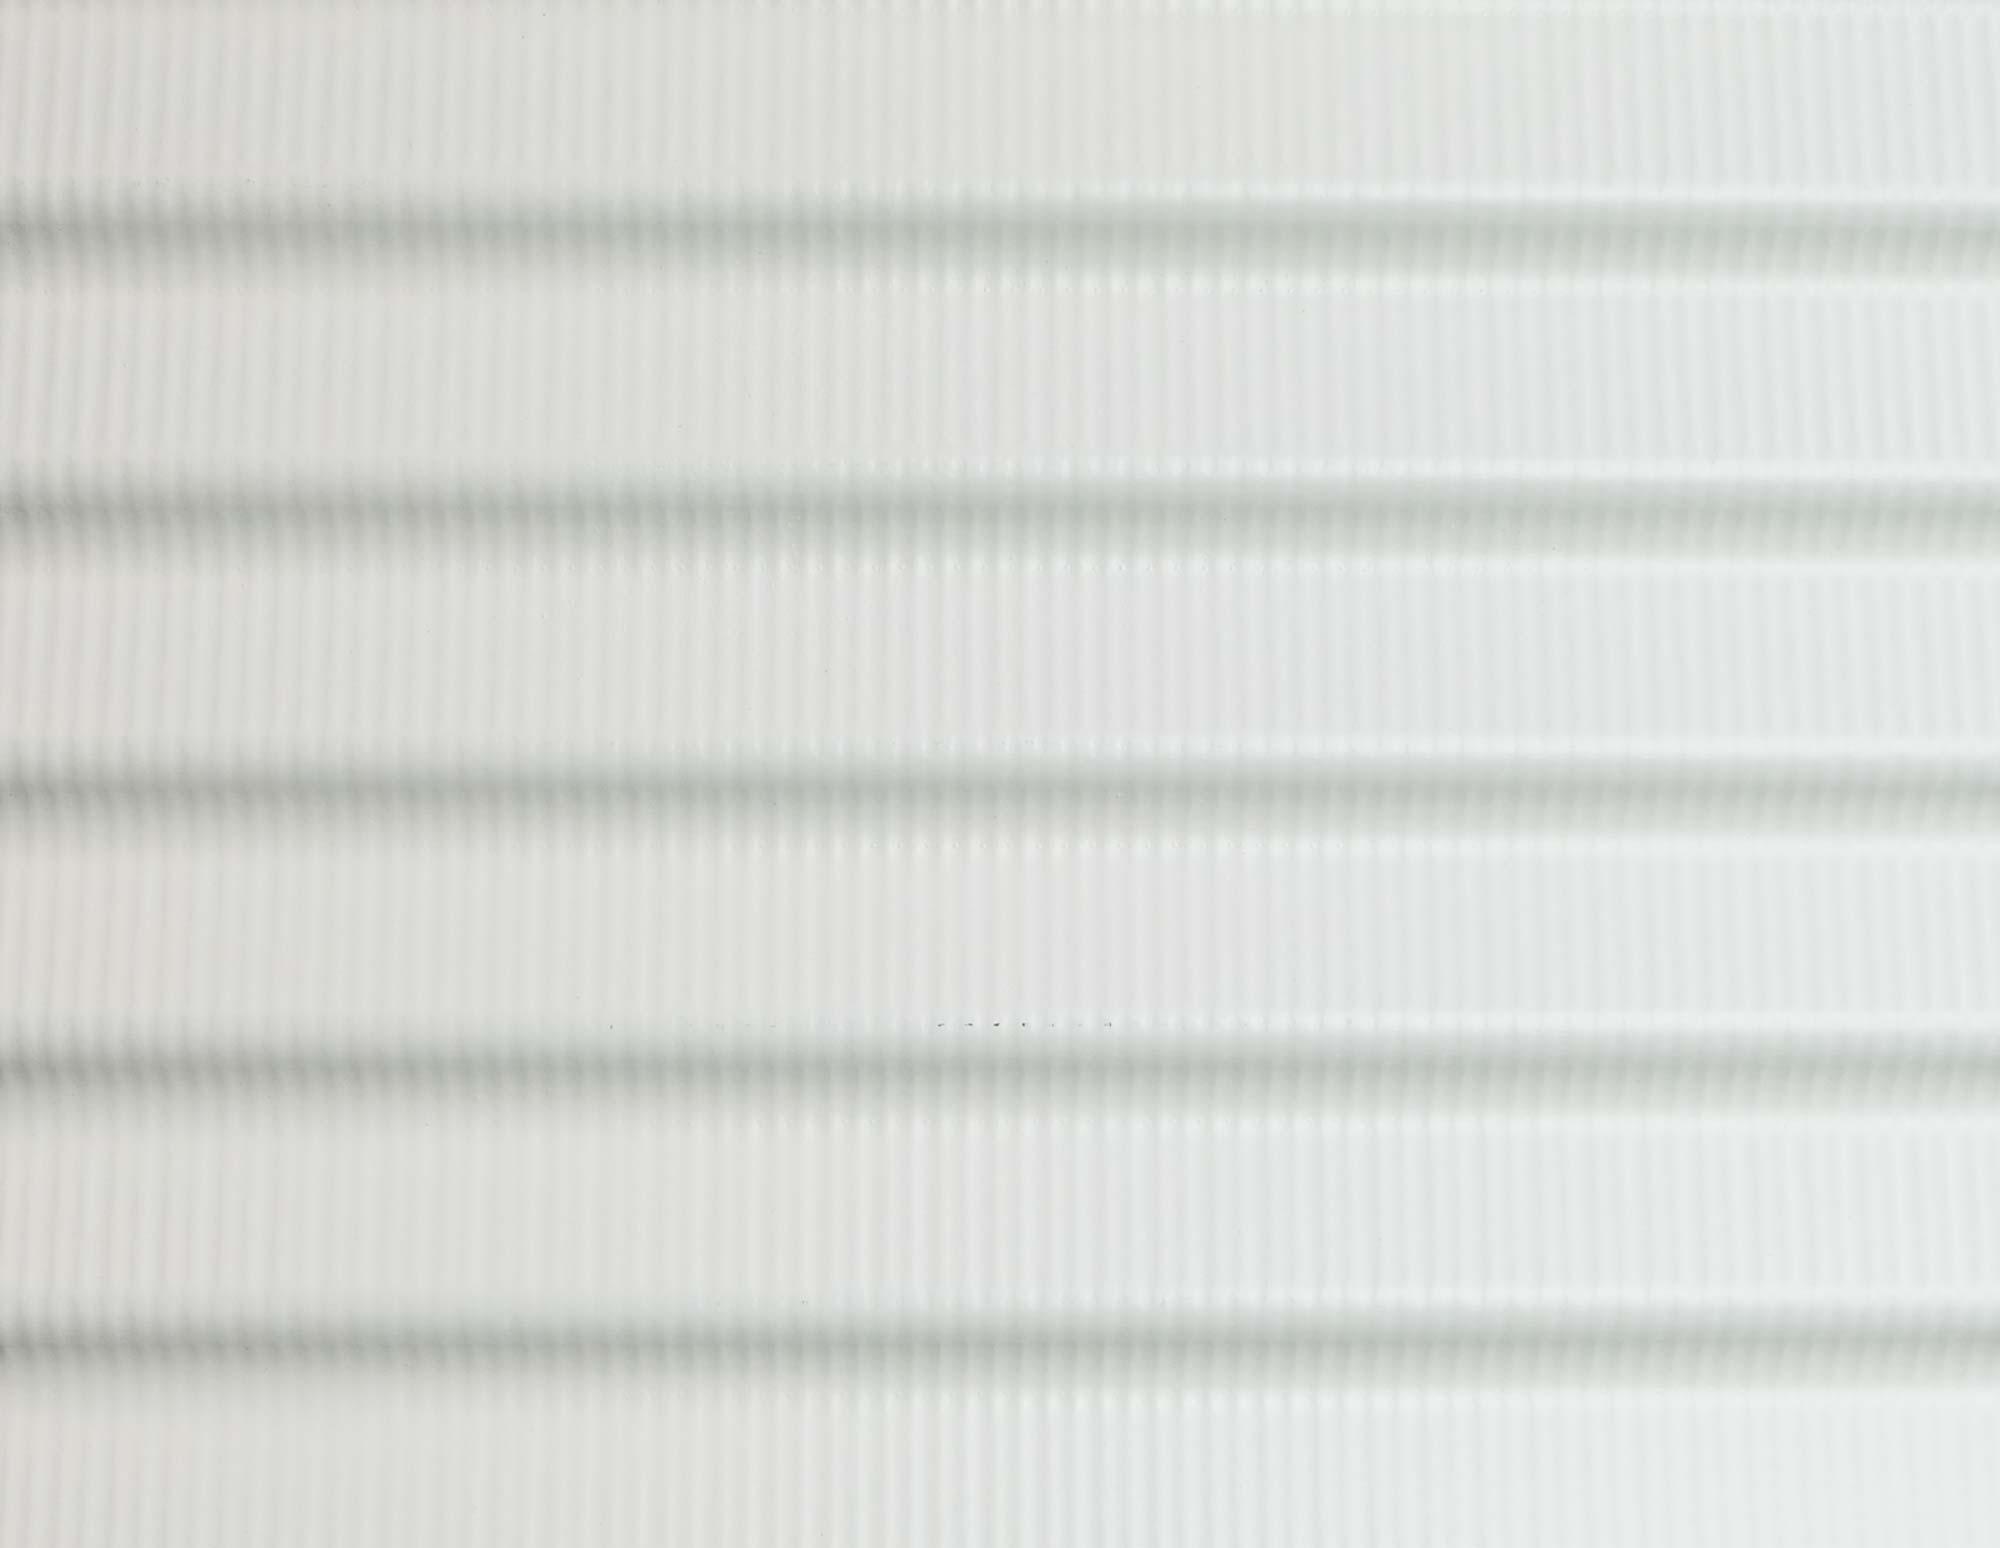 wandpaneele-3d-texturiert-weiss-surf-abstrakt